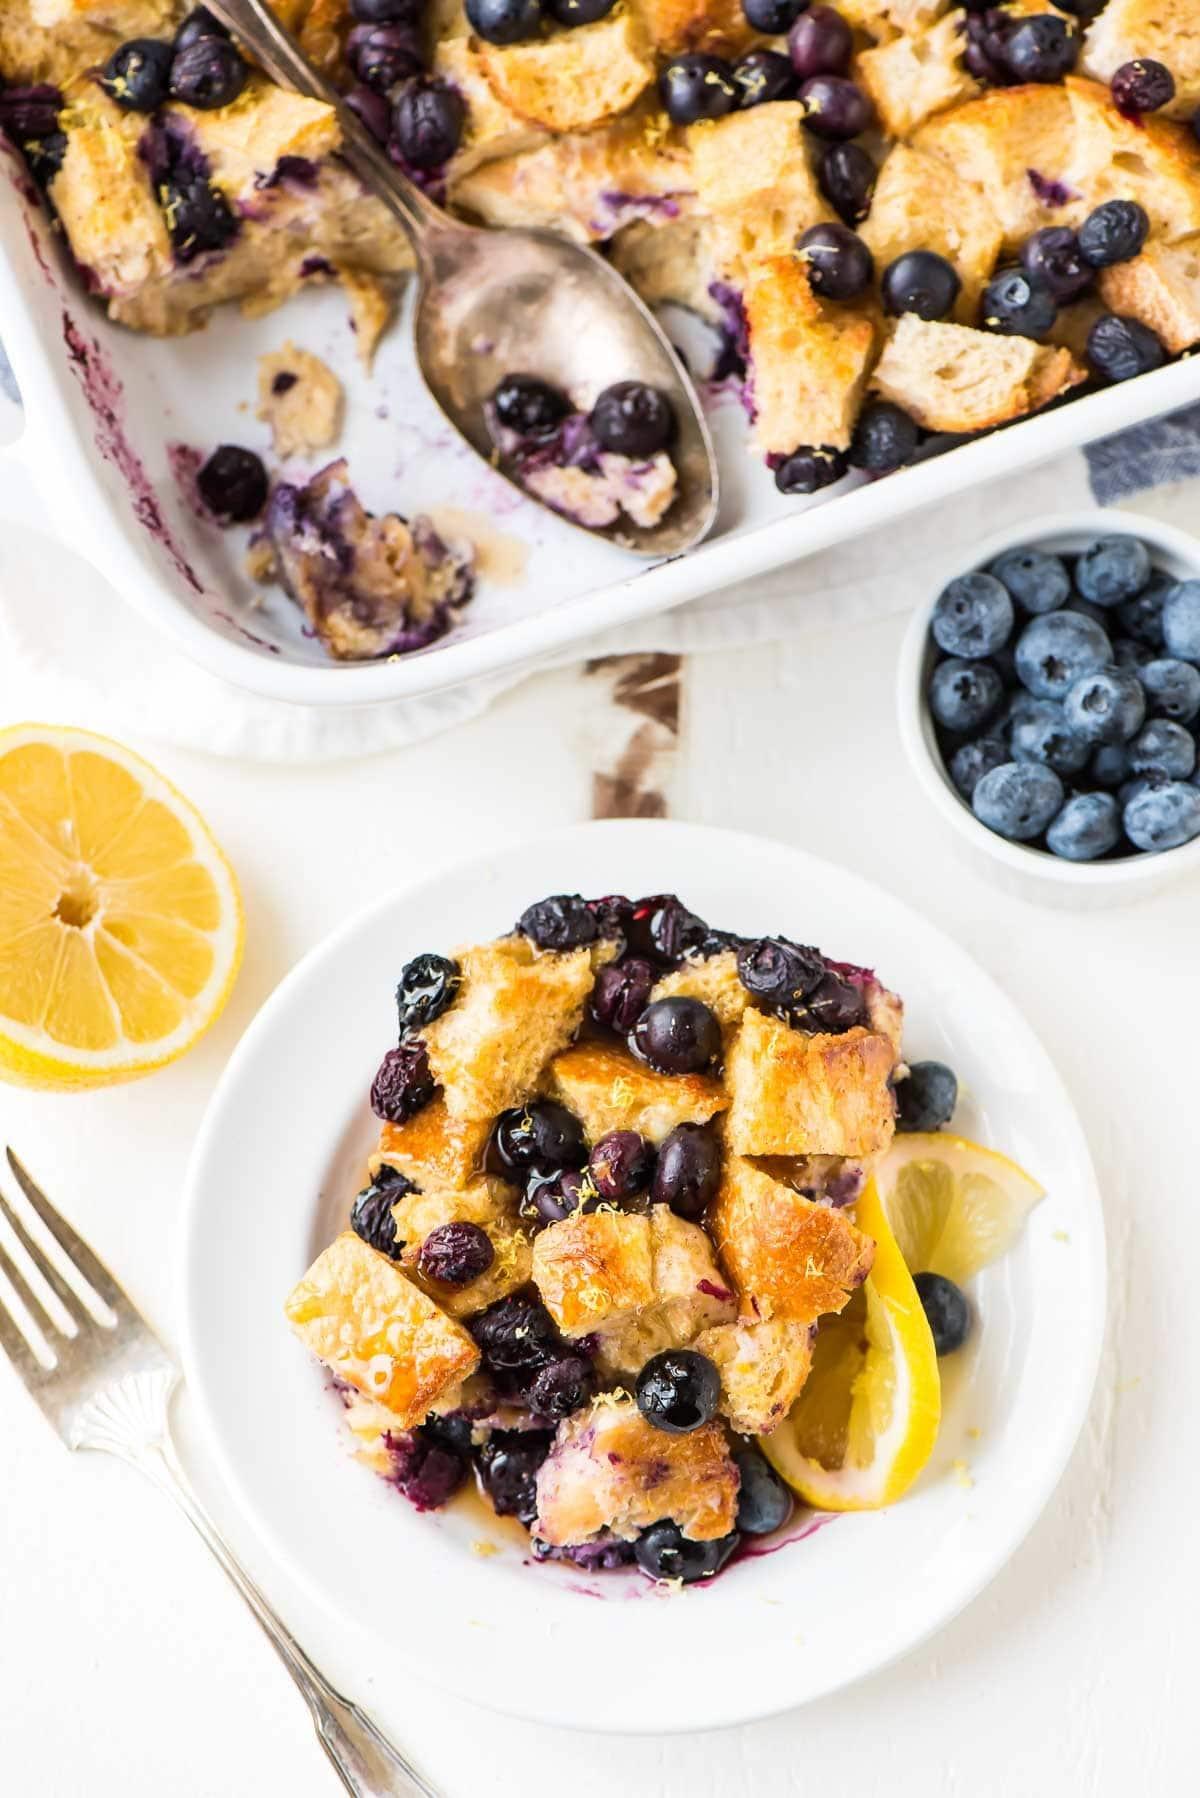 Cazuela de tostadas francesas con arándanos y limón